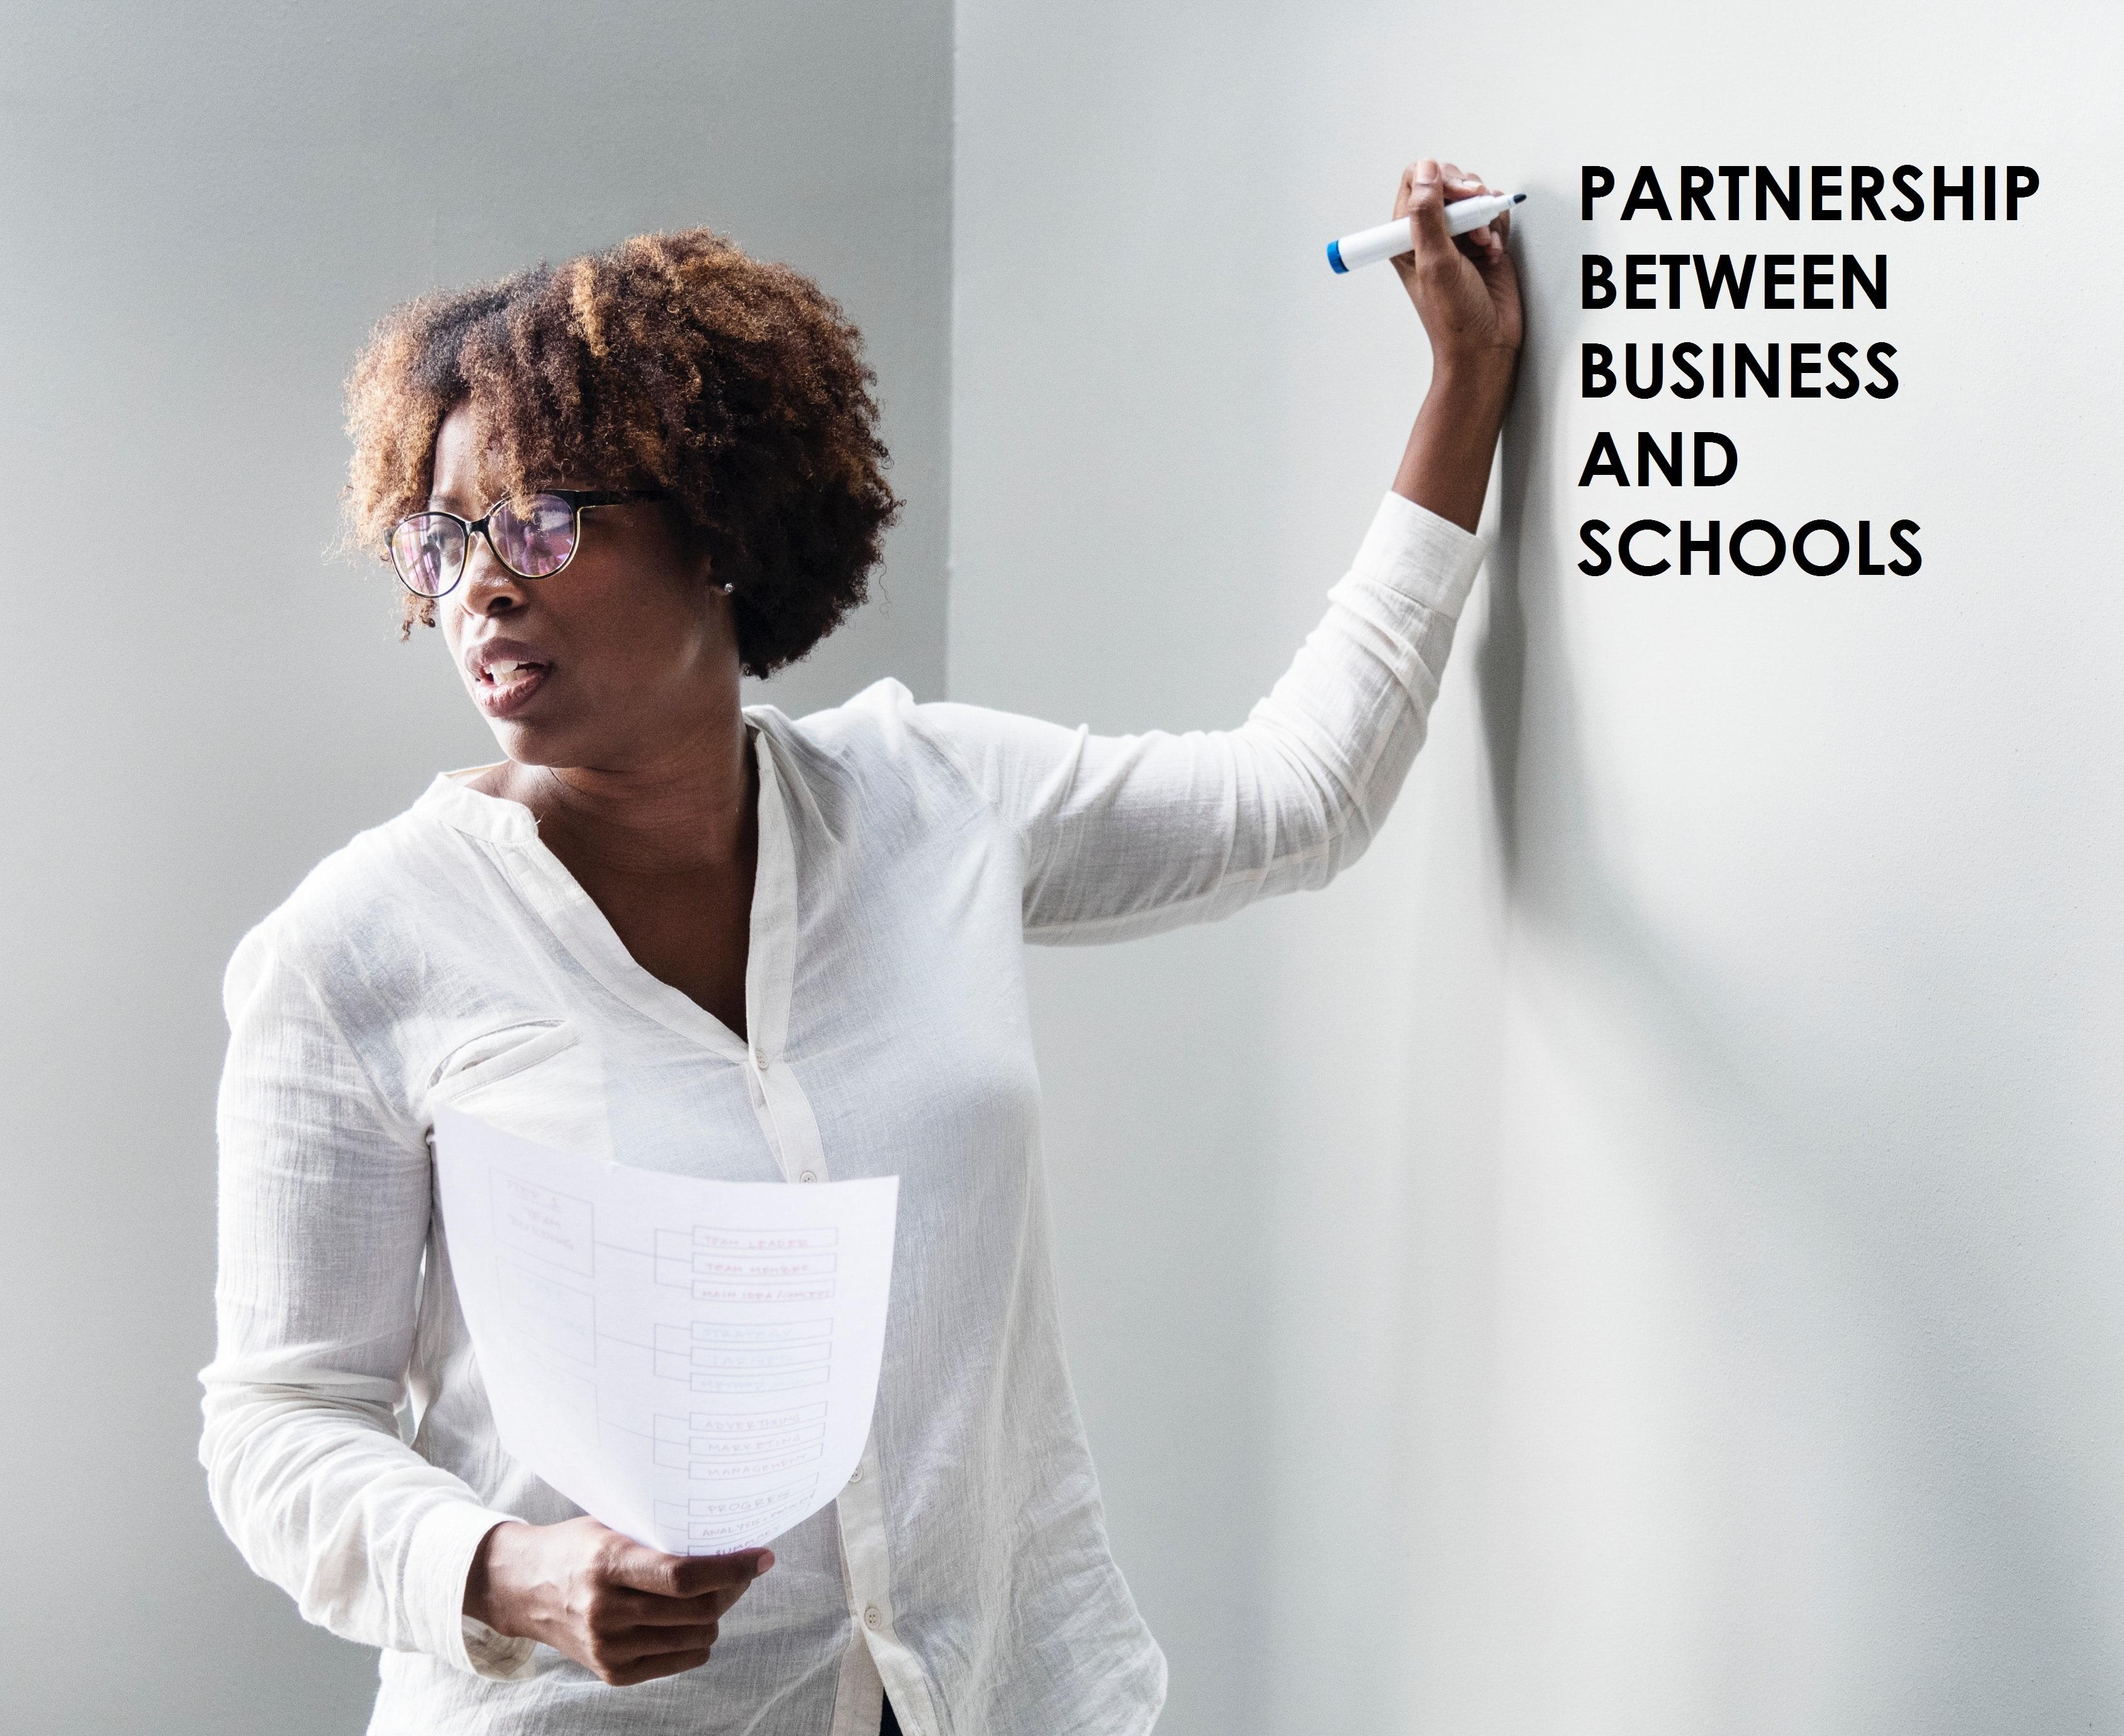 partnership_between_business_and_schools.jpg